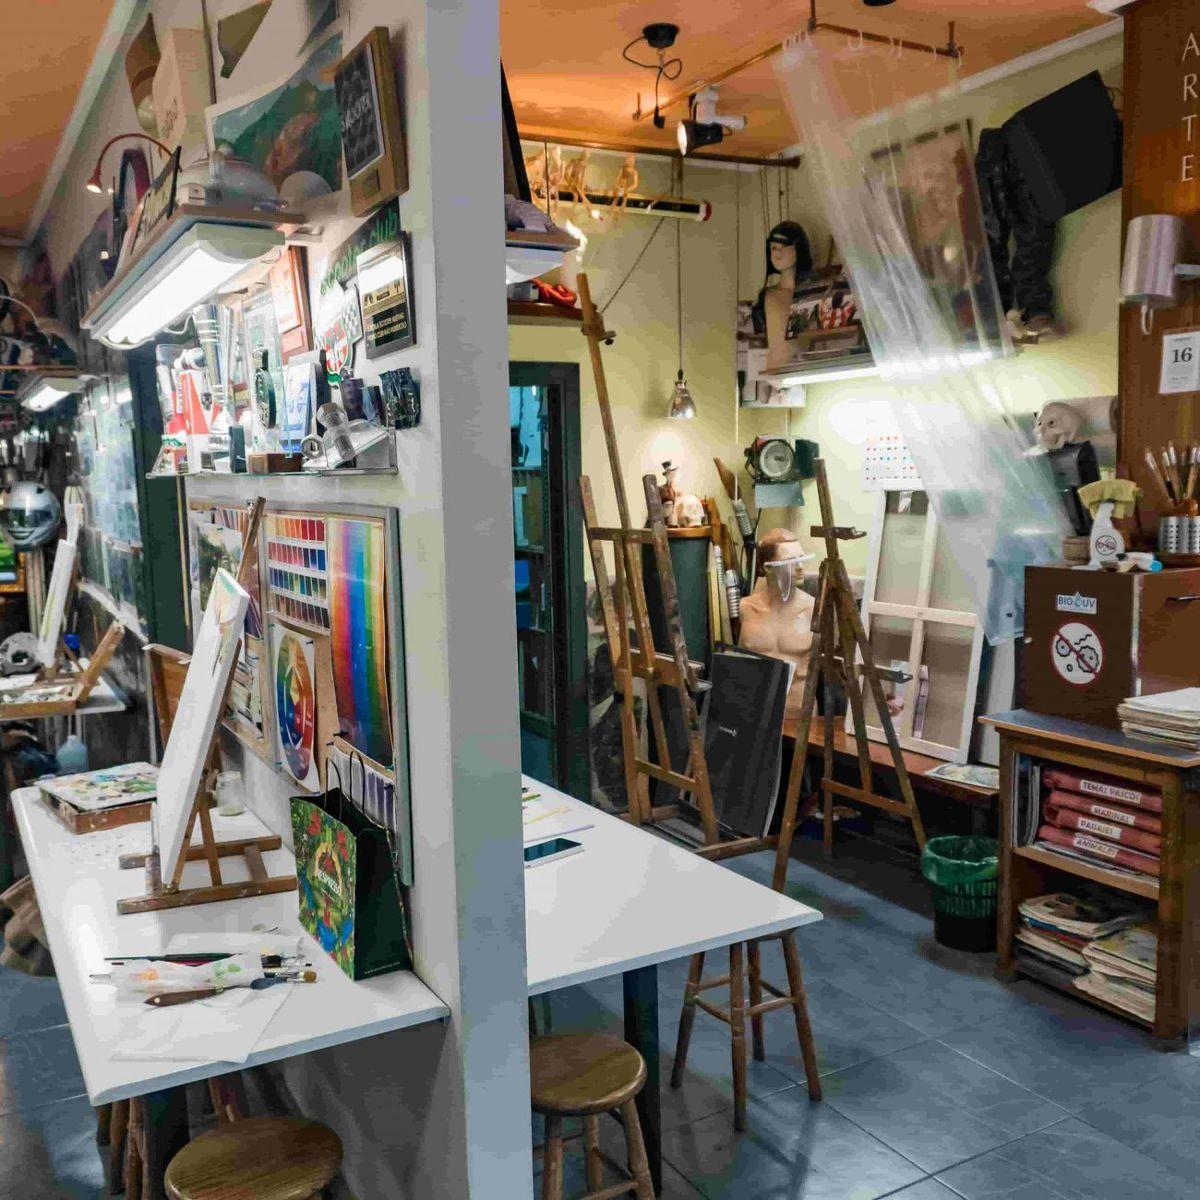 Estudio de dibujo y pintura Iñaki Arce en Deusto